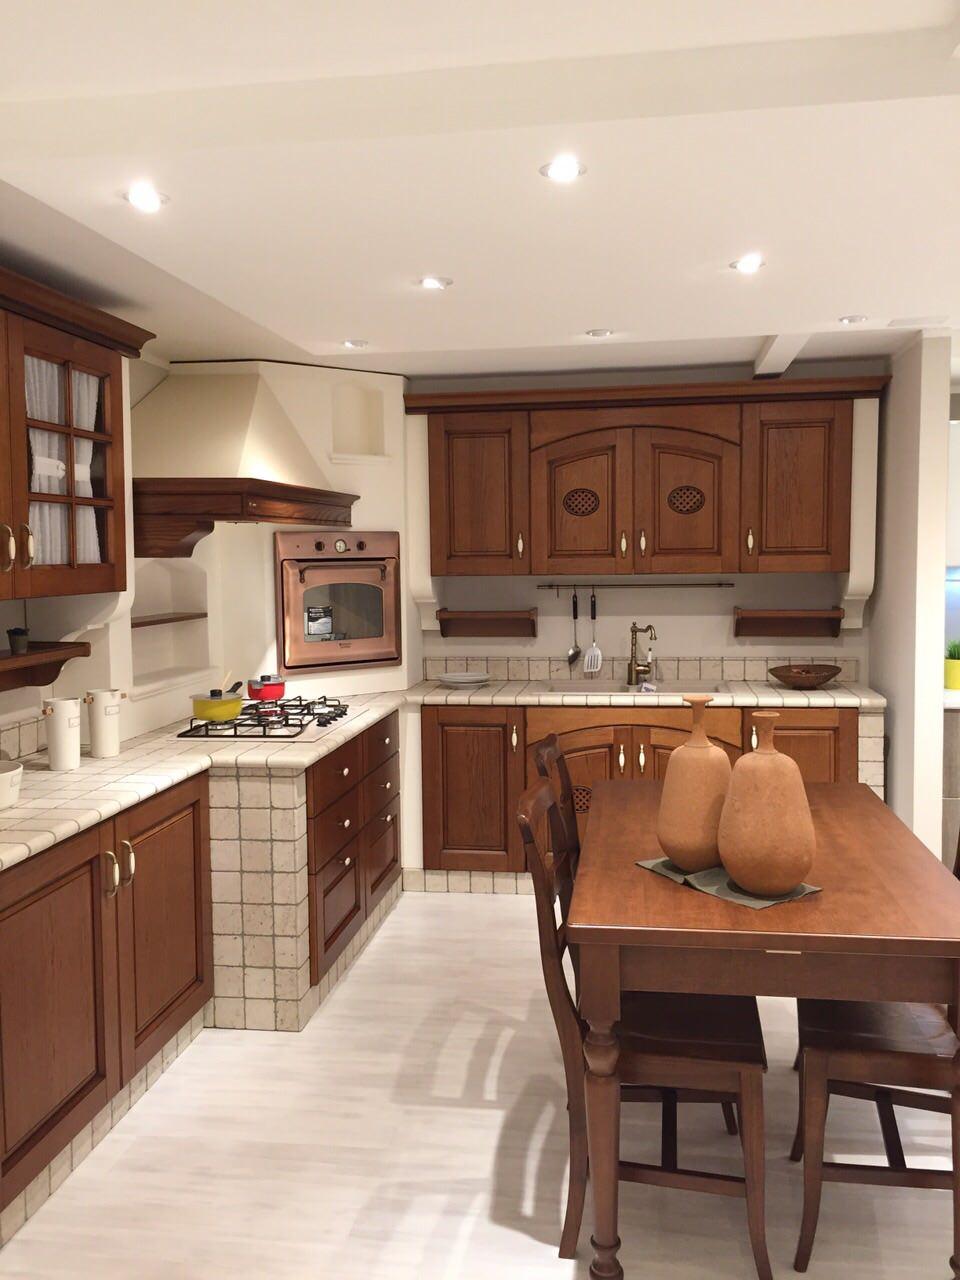 Cucina Completa Di Tavolo E Sedie.Cucina In Muratura Completa Di Elettrodomestici E Tavolo E Sedie